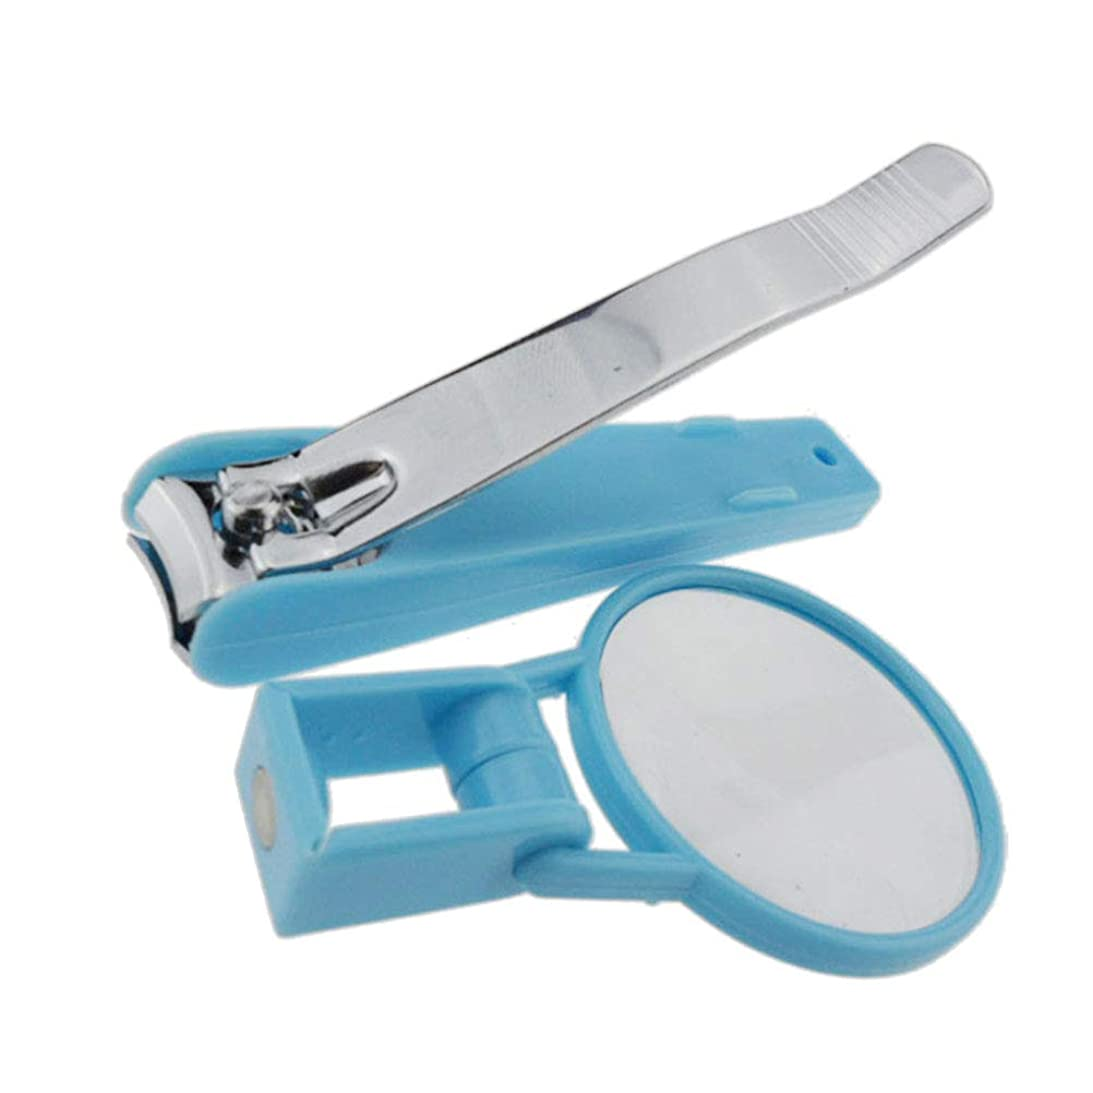 変更可能考古学崇拝しますHEALIFTY 赤ちゃん老人安全なネイルケア虫眼鏡で安定したネイルクリッパートリマー